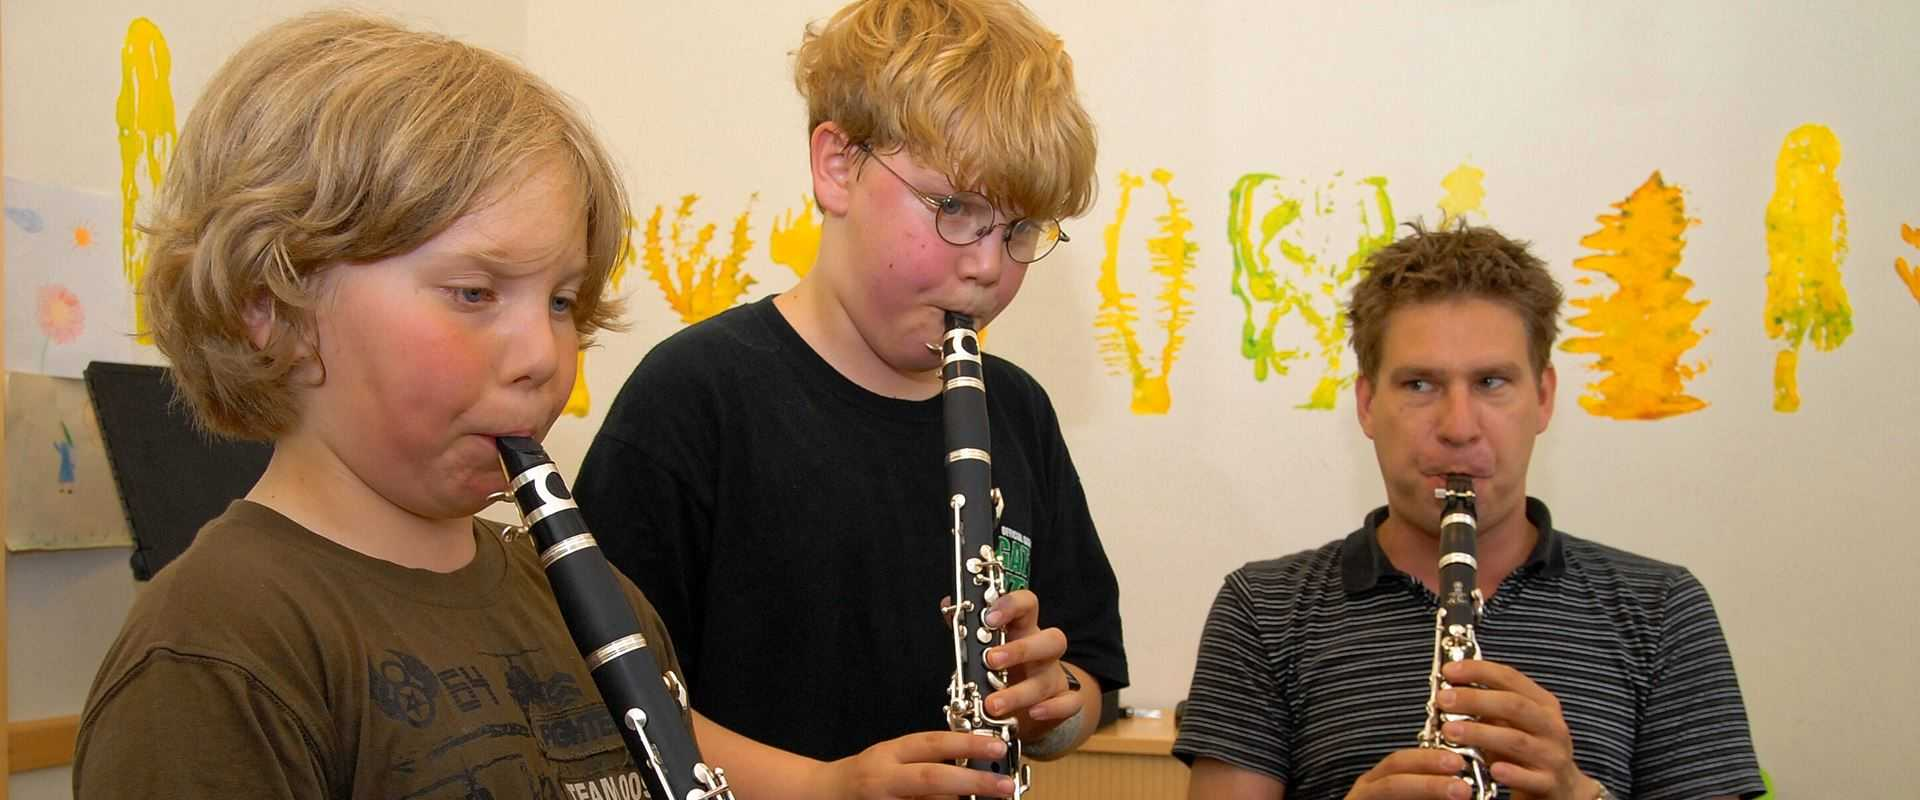 Klarinettenunterricht in der Musikschule Bertheau & Morgenstern